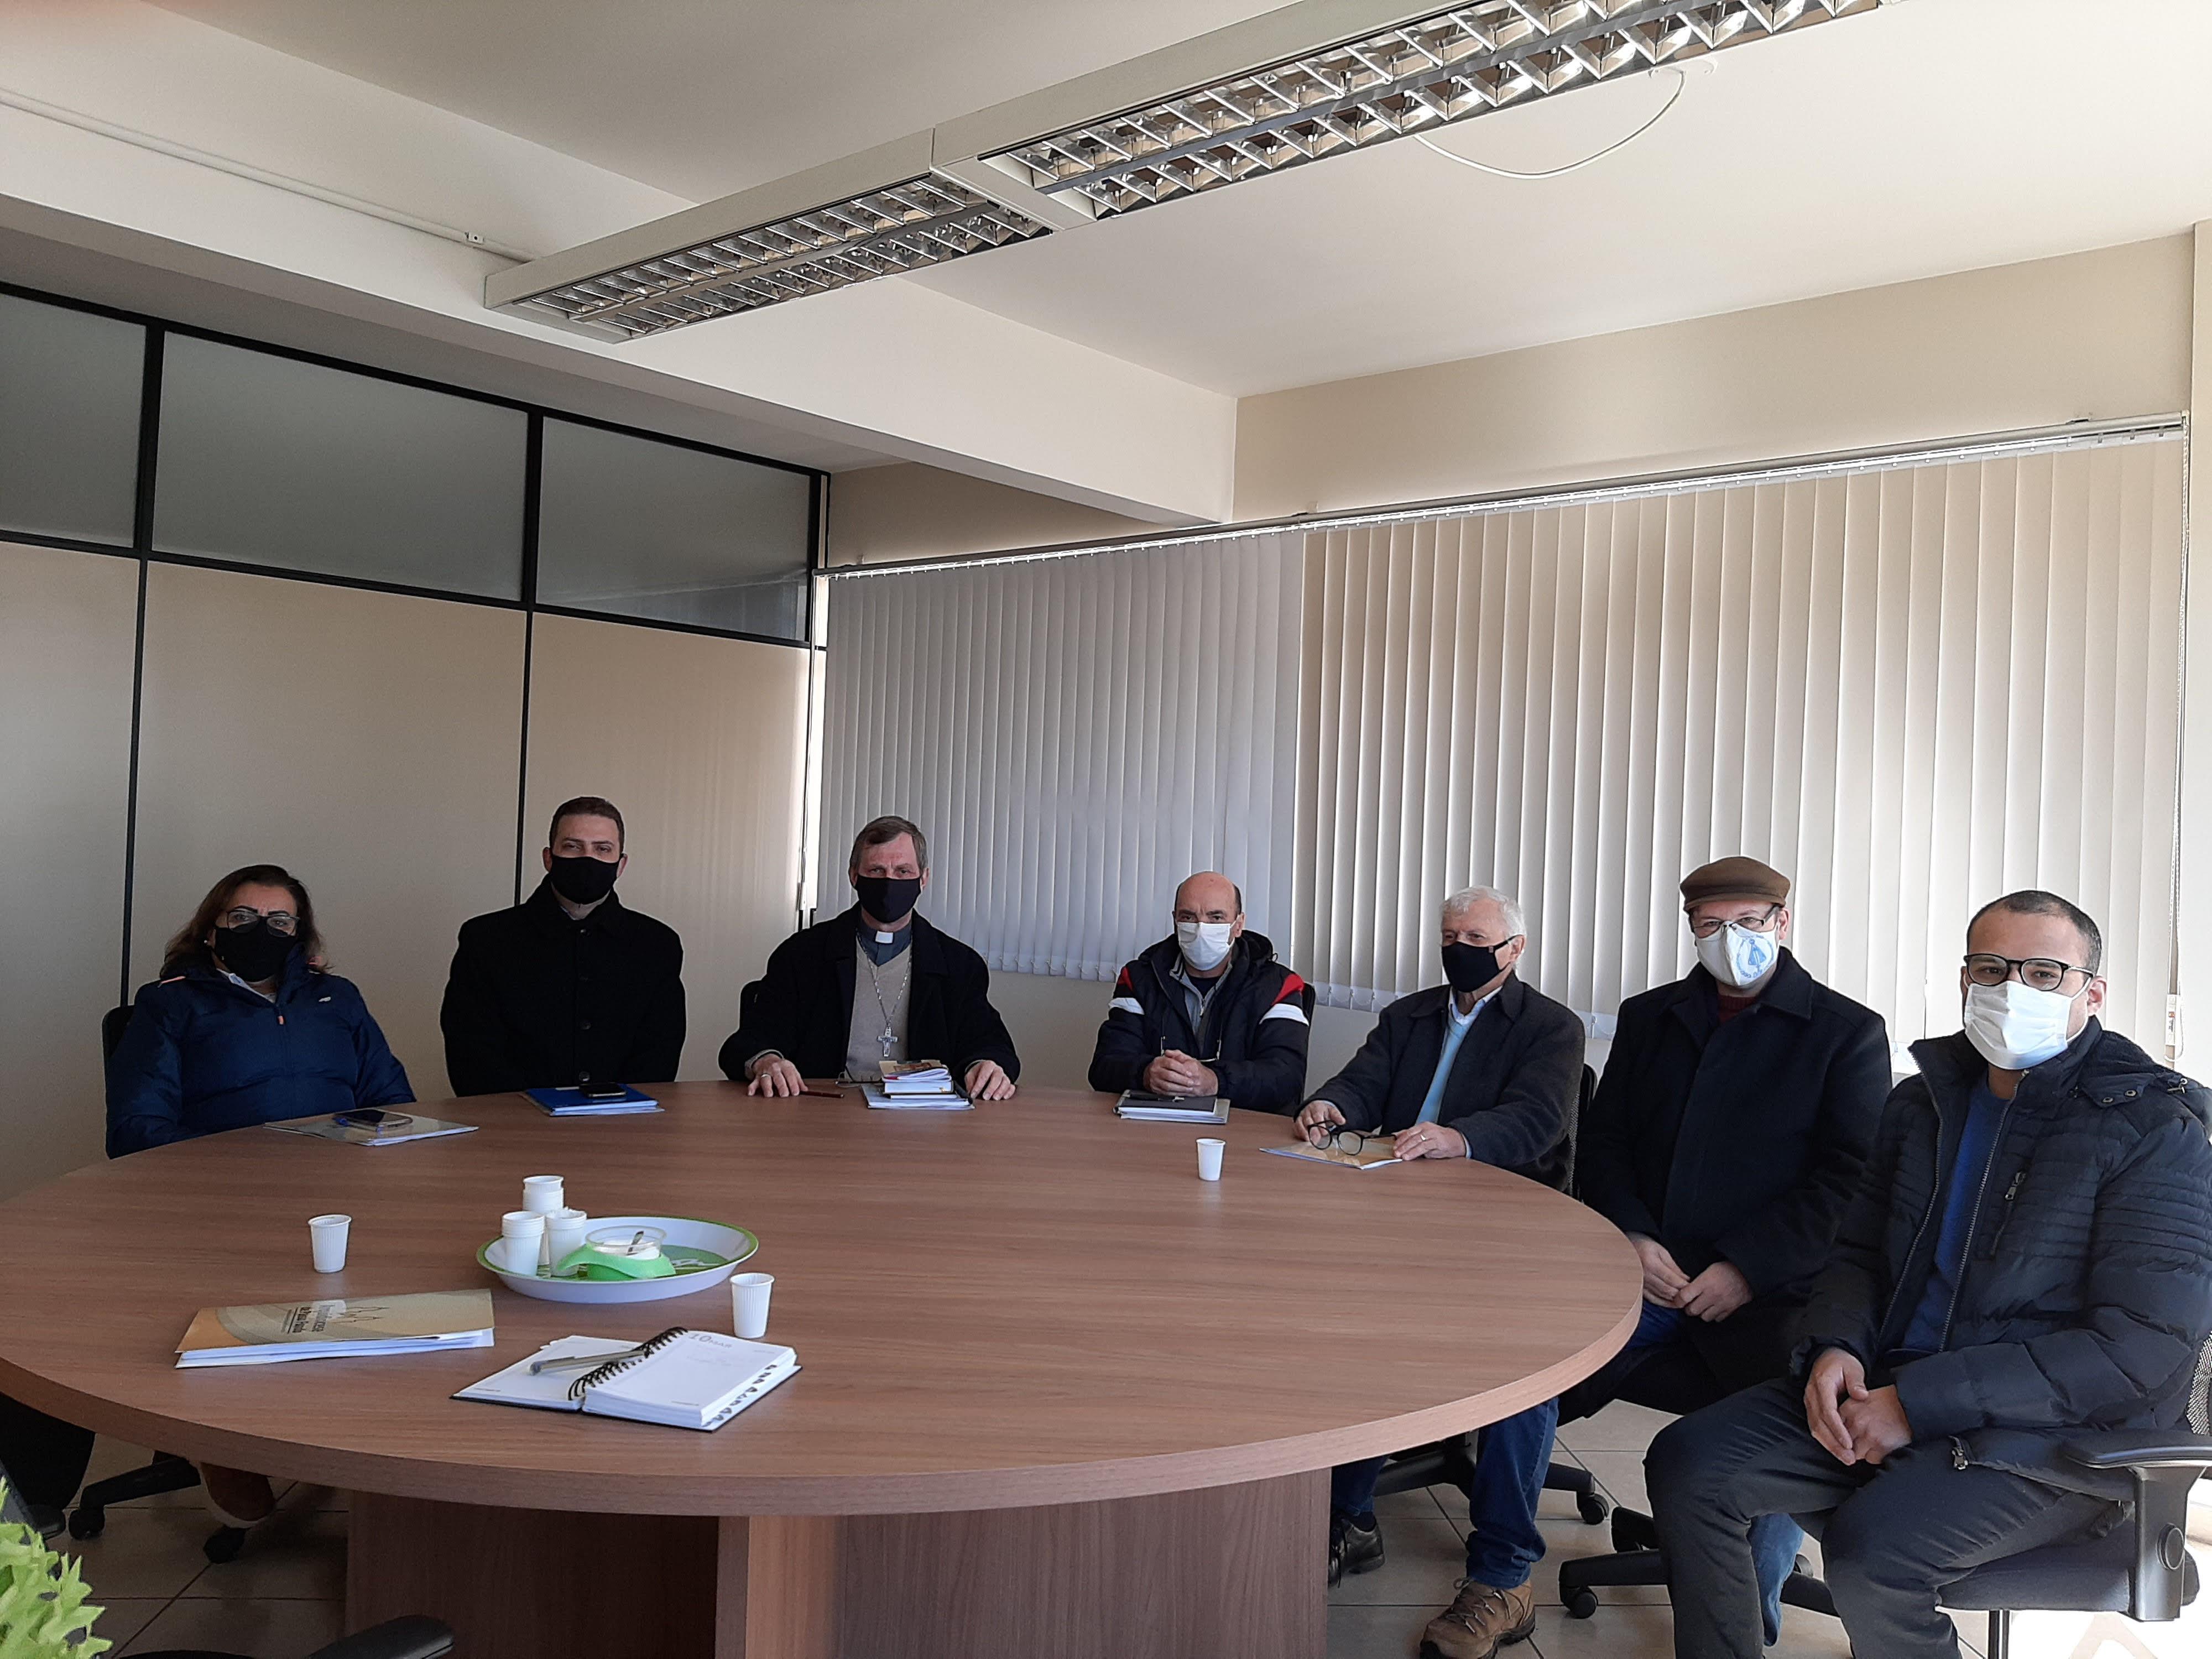 Arquidiocese retoma reuniões presenciais do Conselho Econômico